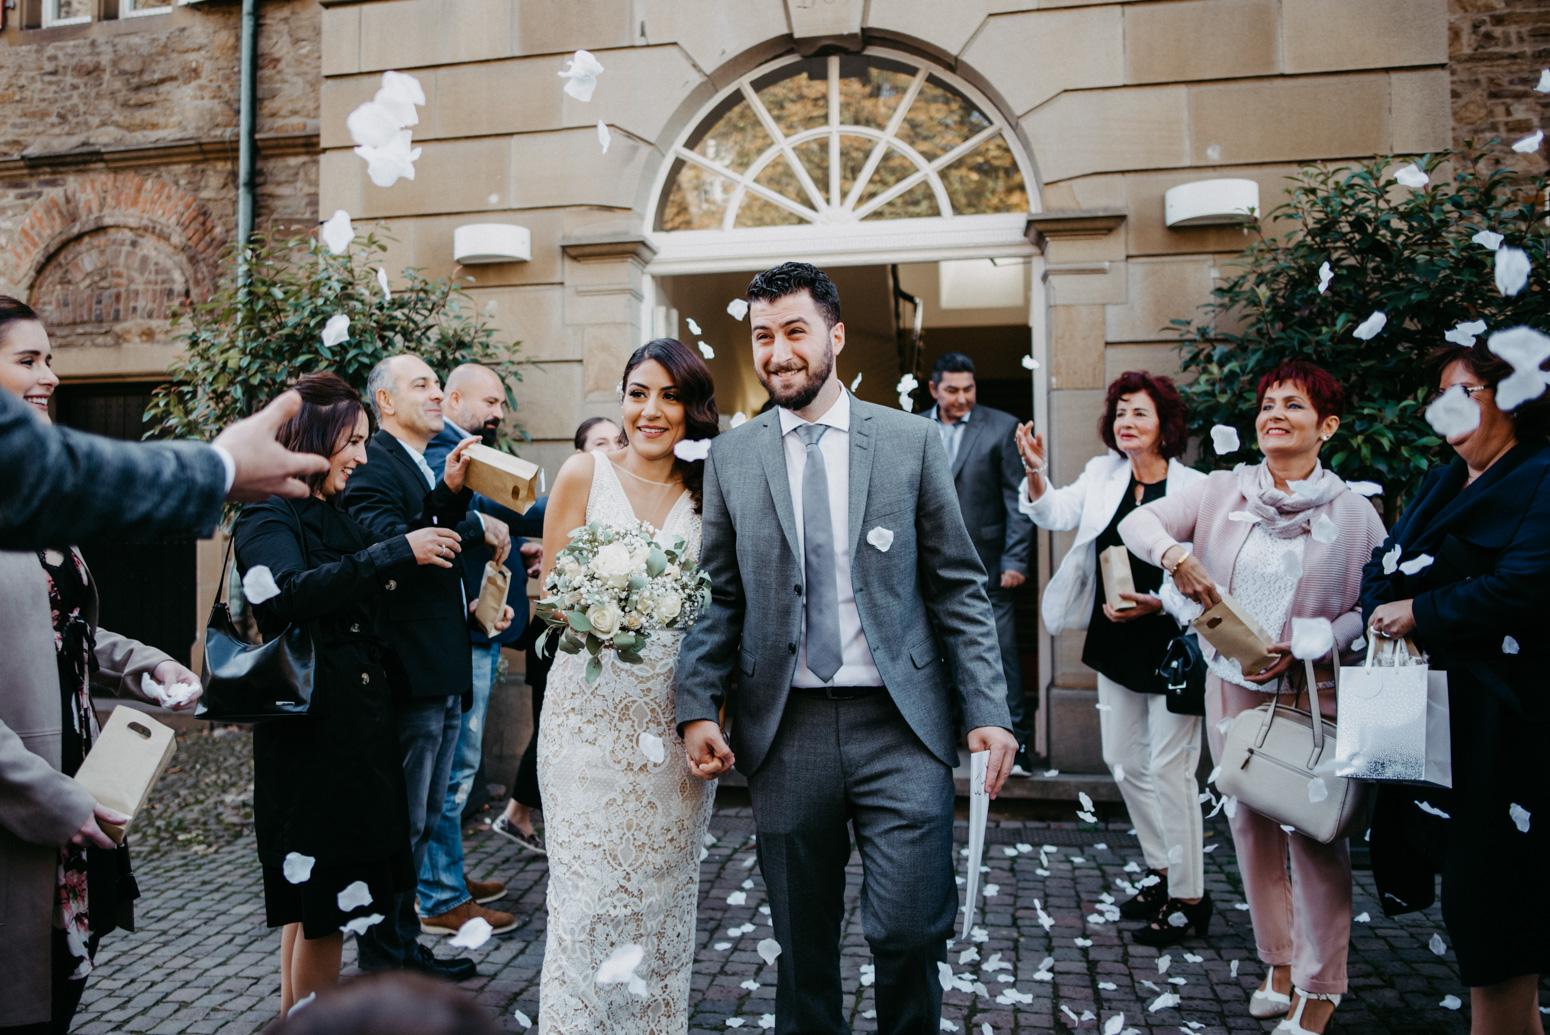 Auszug des Brautpaares aus dem Standesamt des Schloss Broich, Foto von der Hochzeitsfotografin Daria Becker von Genuine Bonds